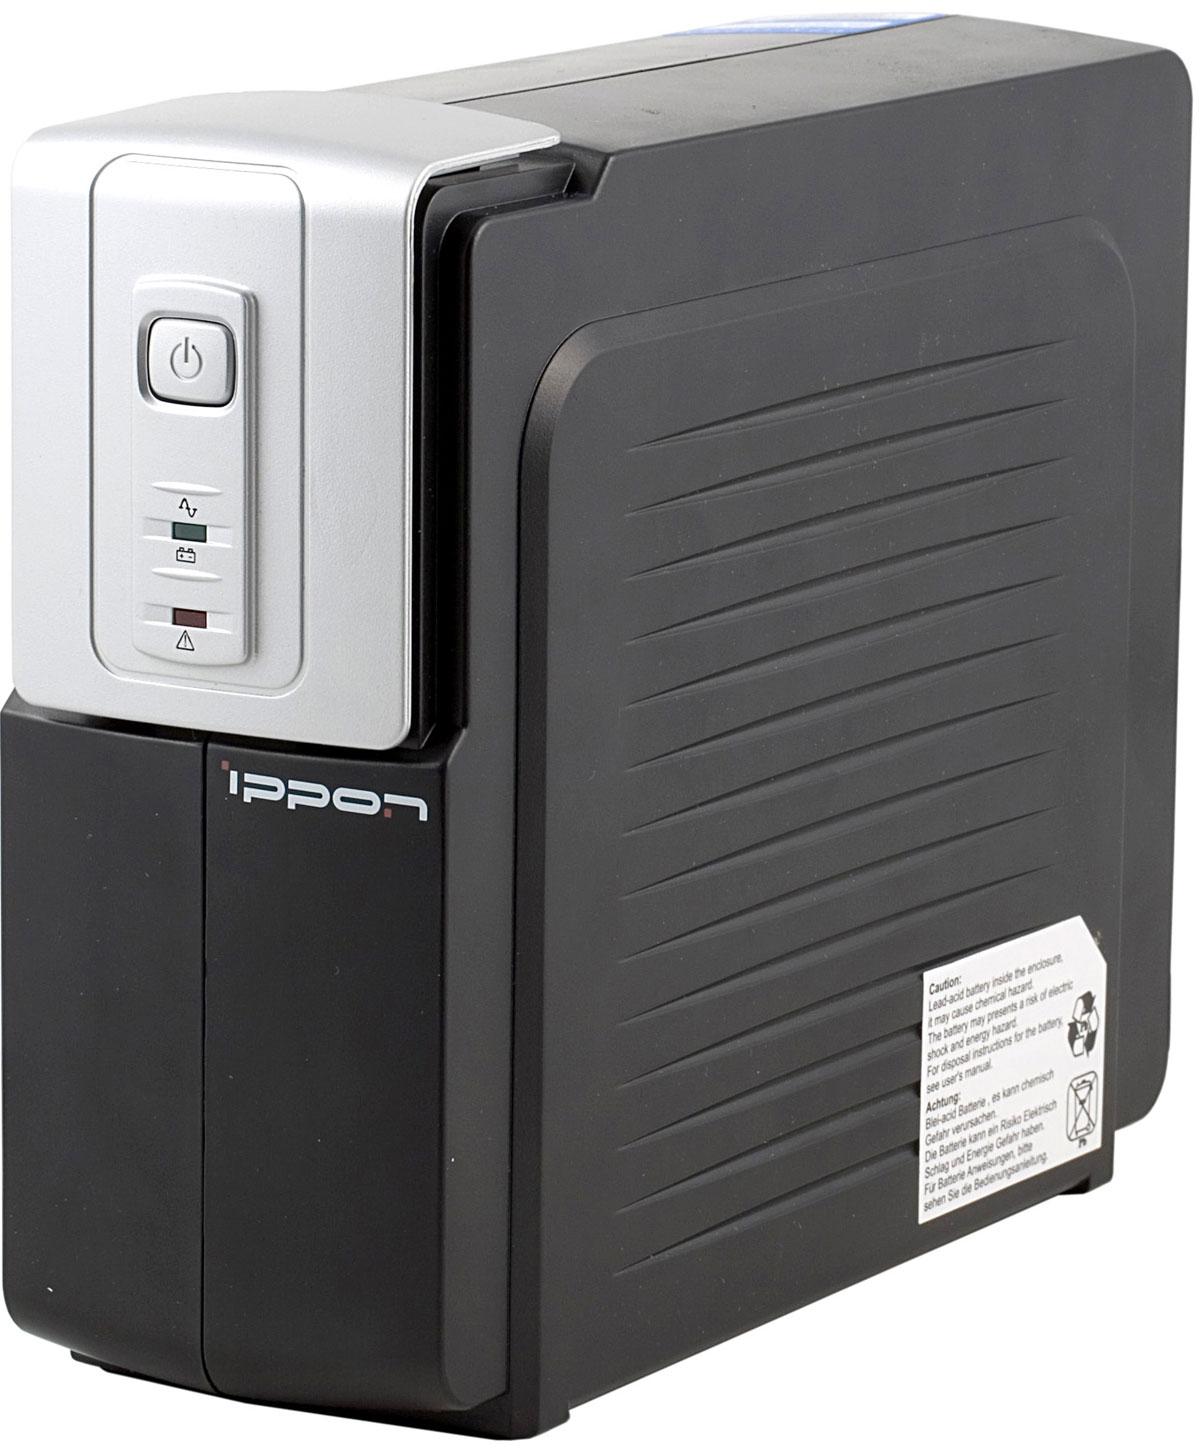 схема ippon back office 600